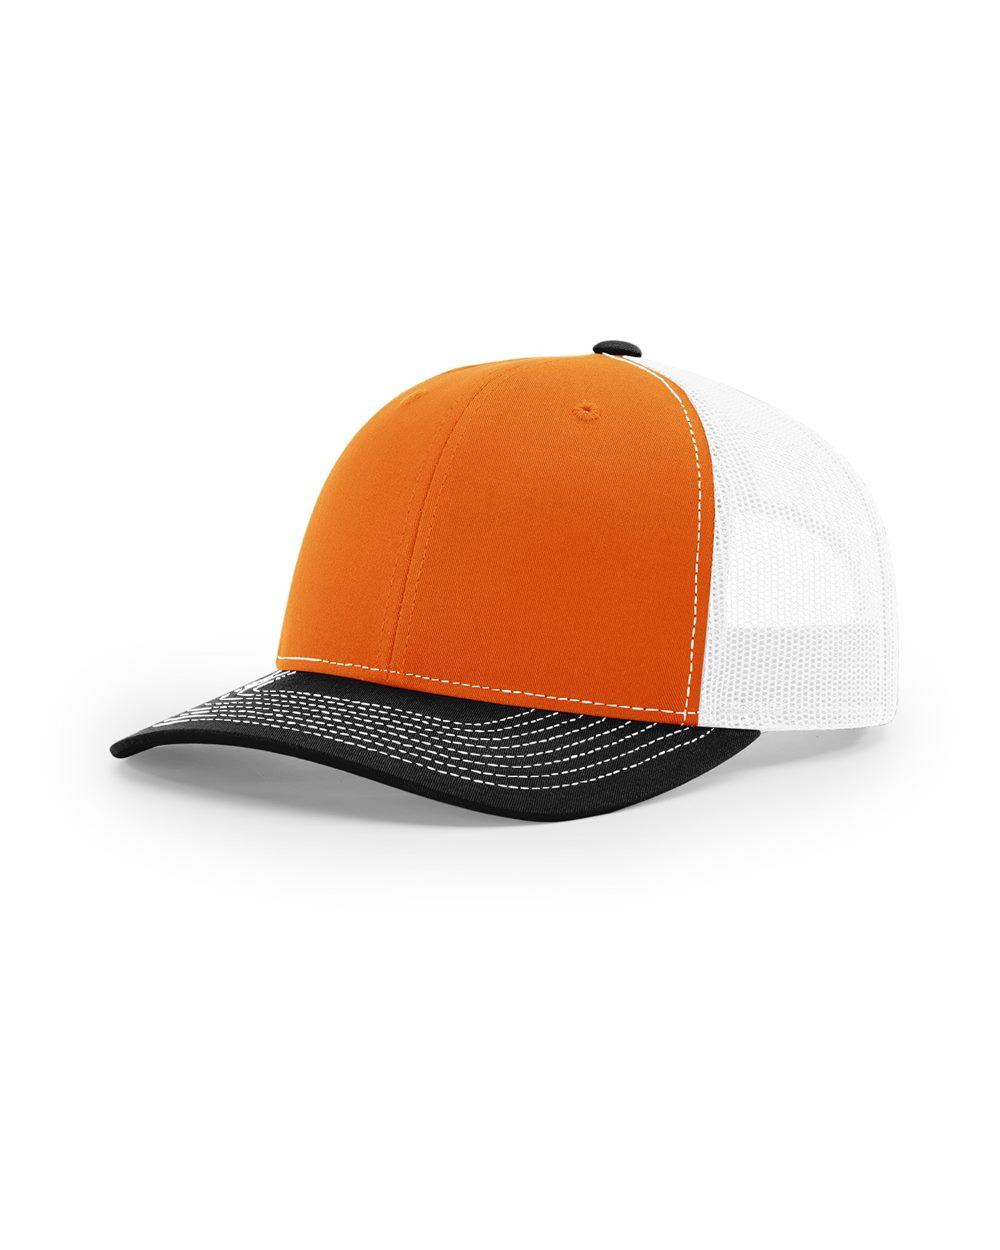 click to view Orange/ White/ Black